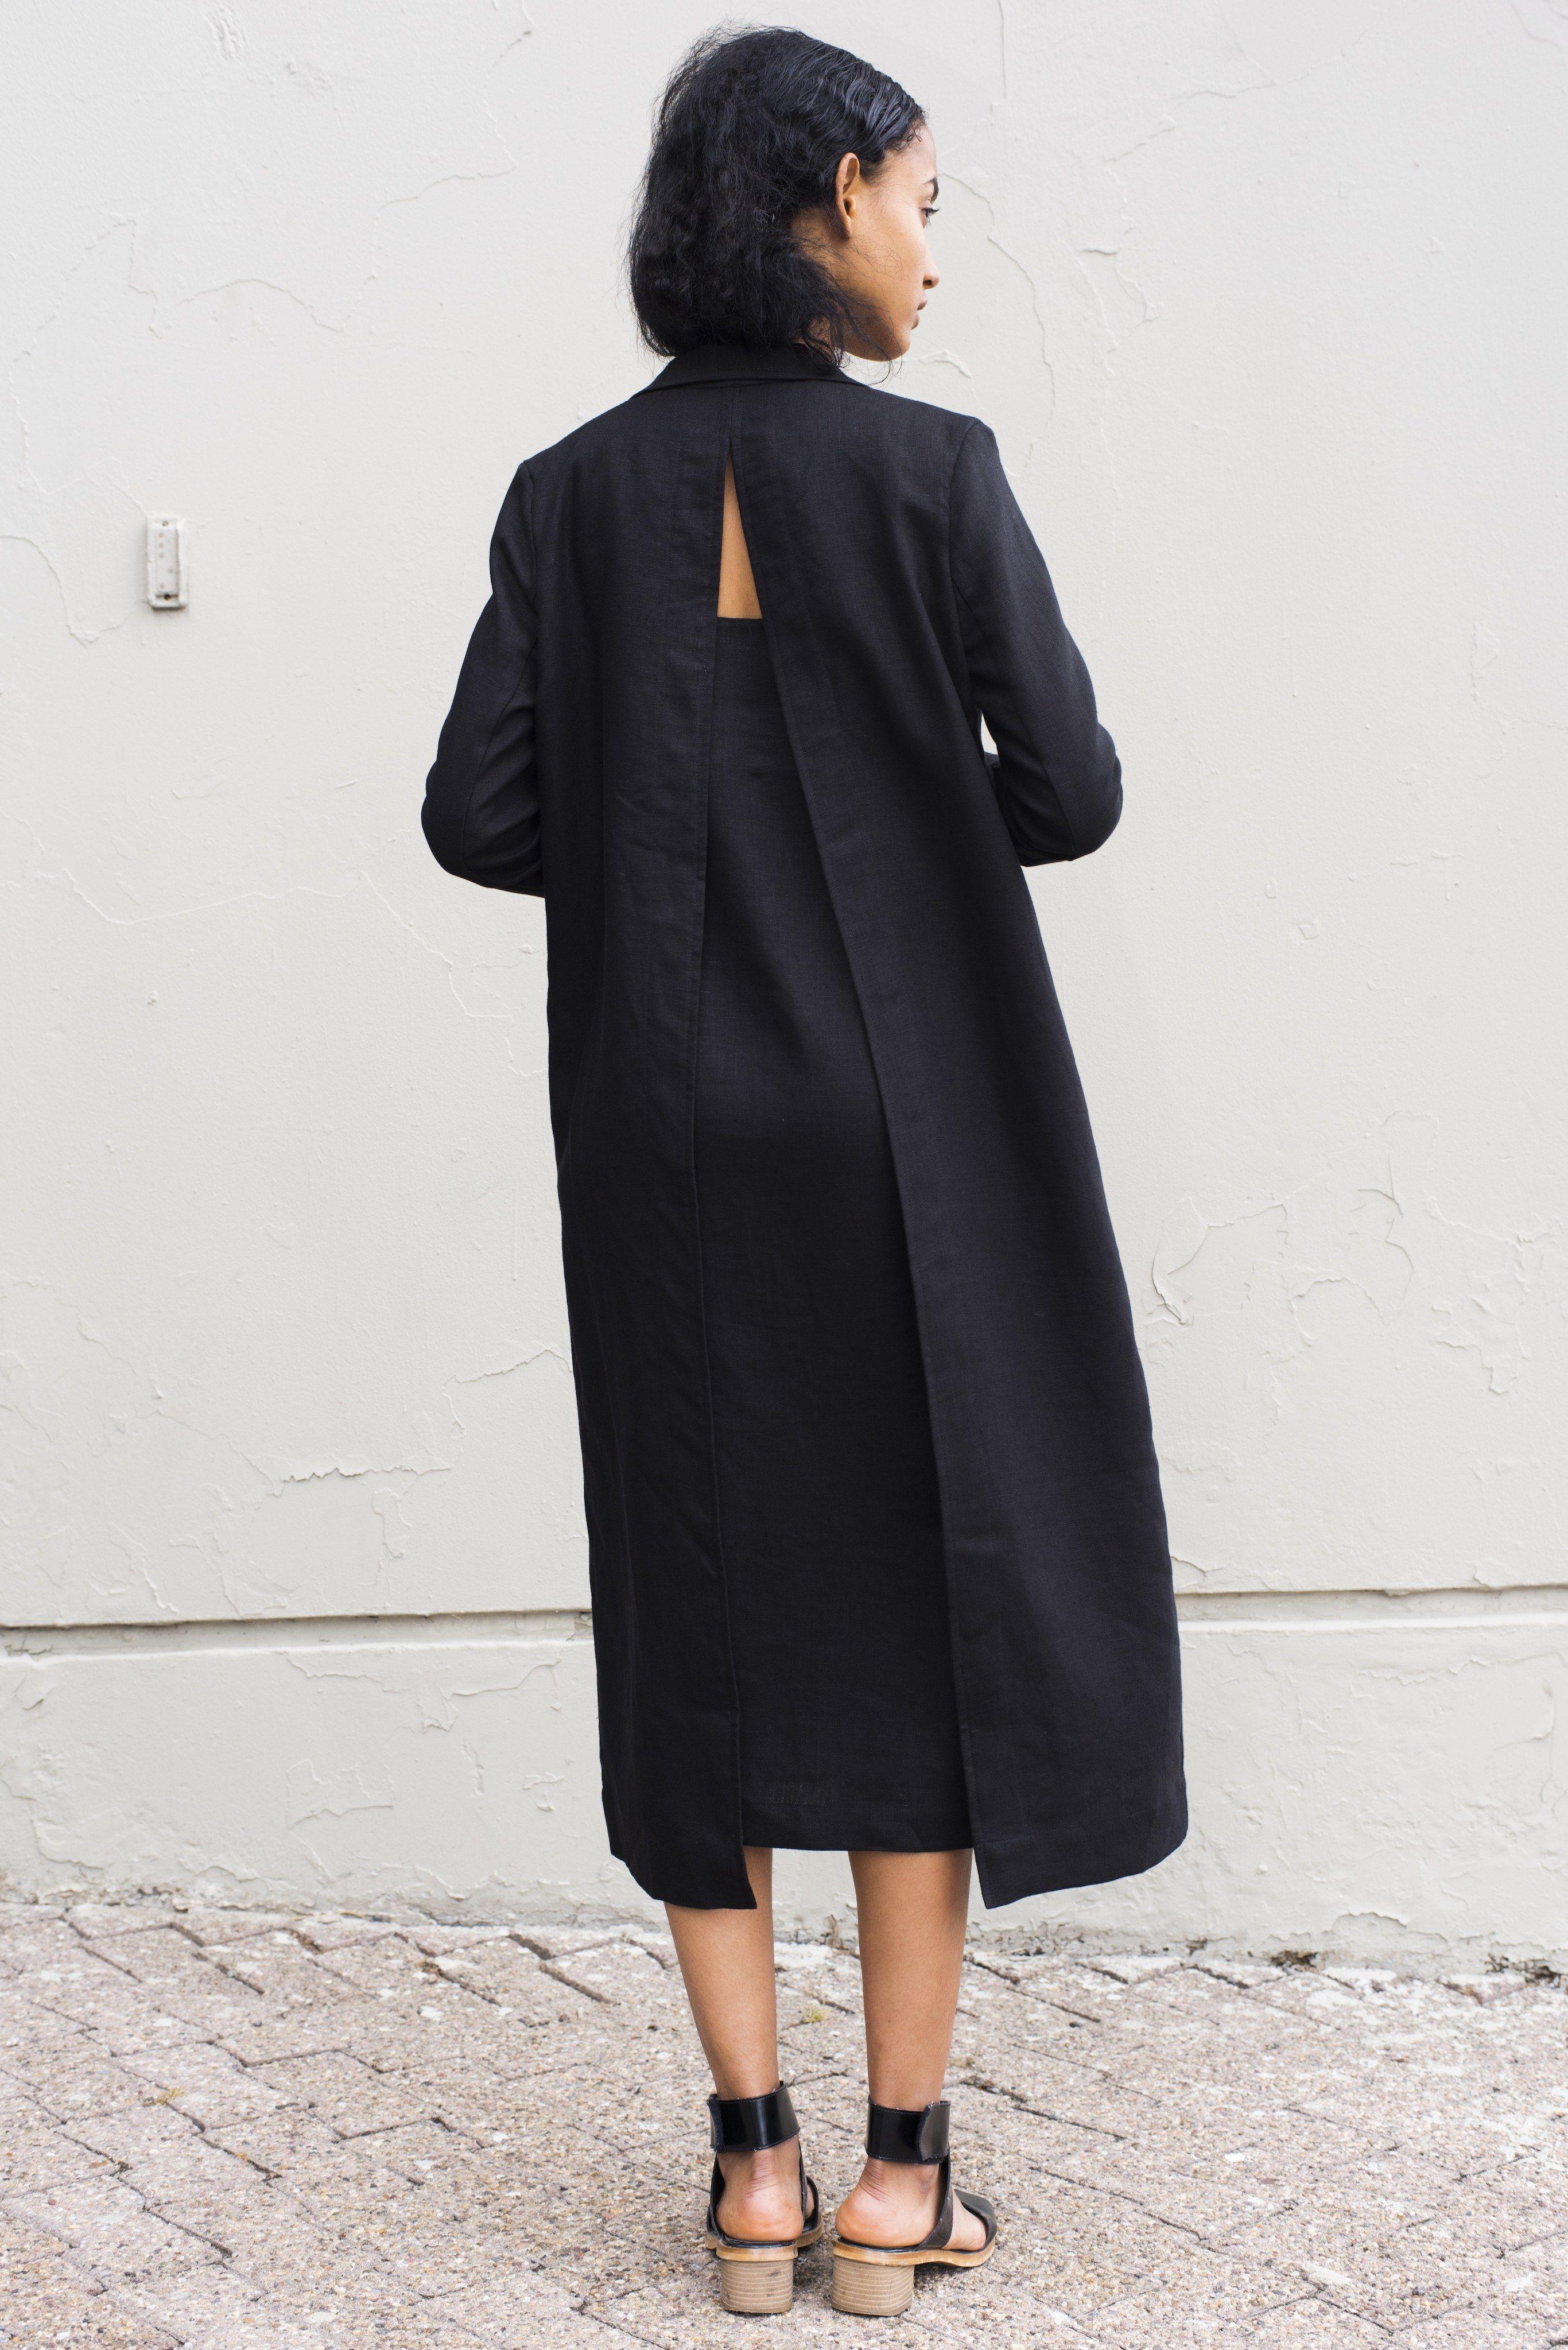 Nomia Spring 2016 Ready-to-Wear Collection Photos - Vogue